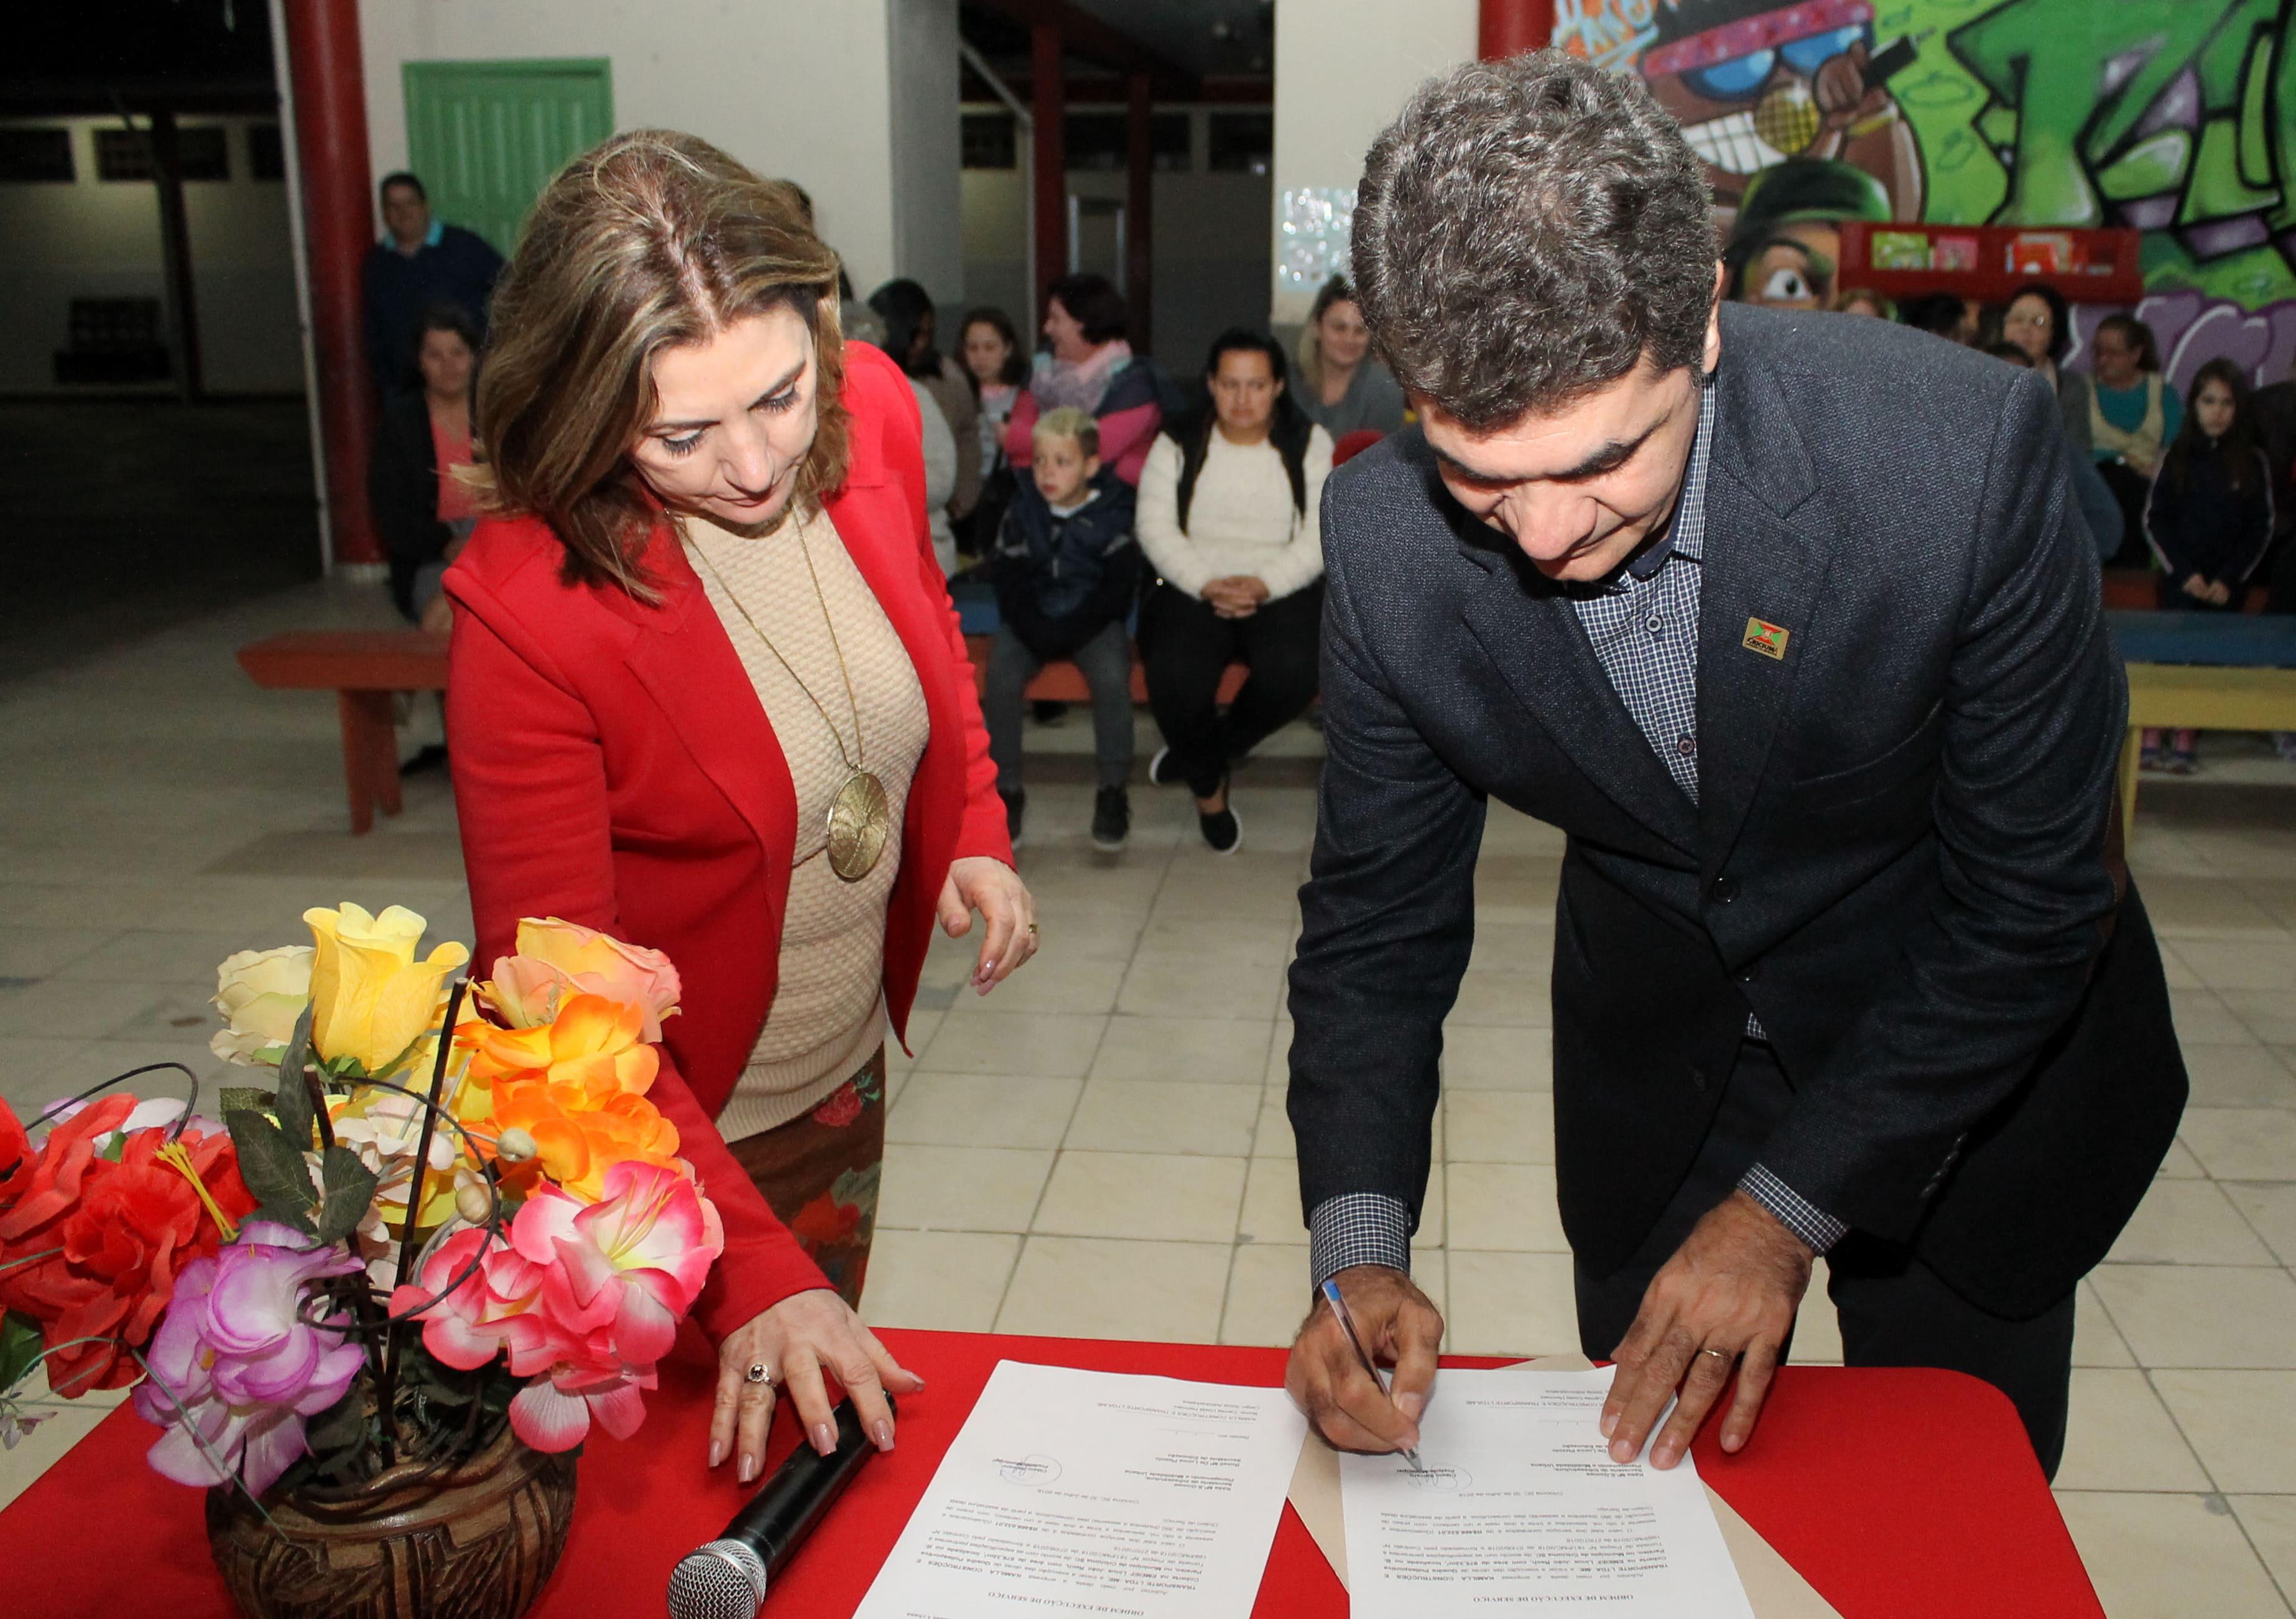 Autorizada construção de quadra poliesportiva na Escola Linus João Rech